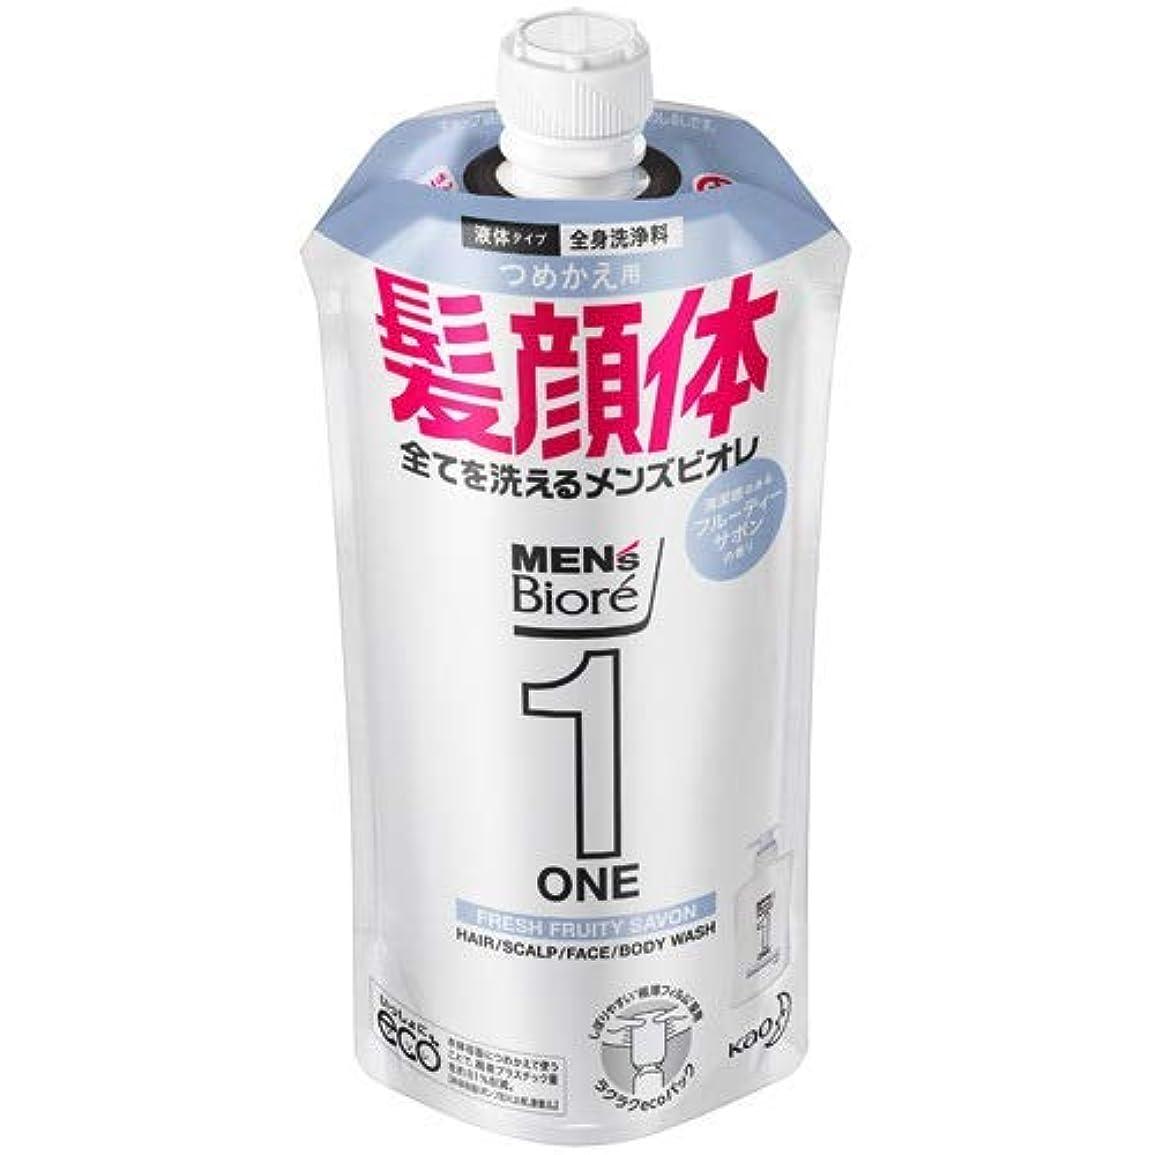 時代識別割合【10個セット】メンズビオレONE オールインワン全身洗浄料 清潔感のあるフルーティーサボンの香り つめかえ用 340mL